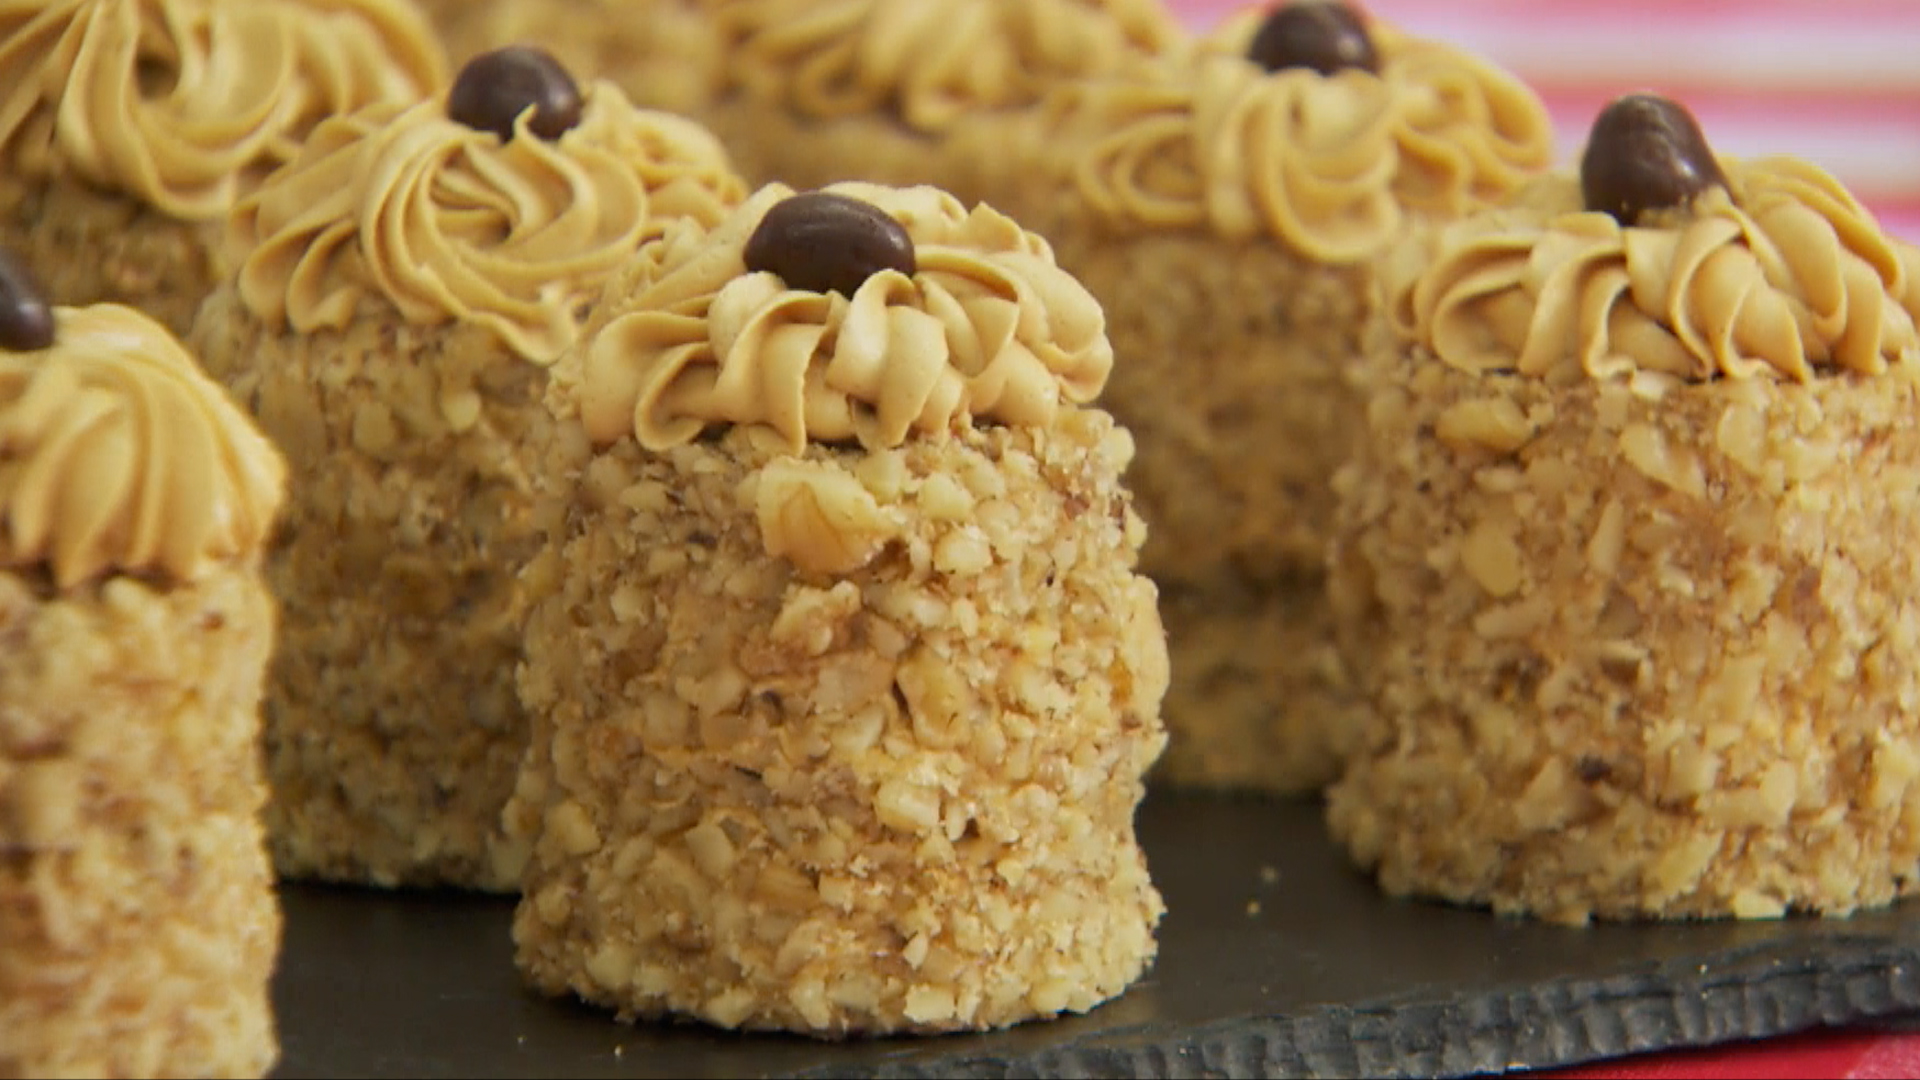 GBBA0111-Coffee-Walnut-Cake